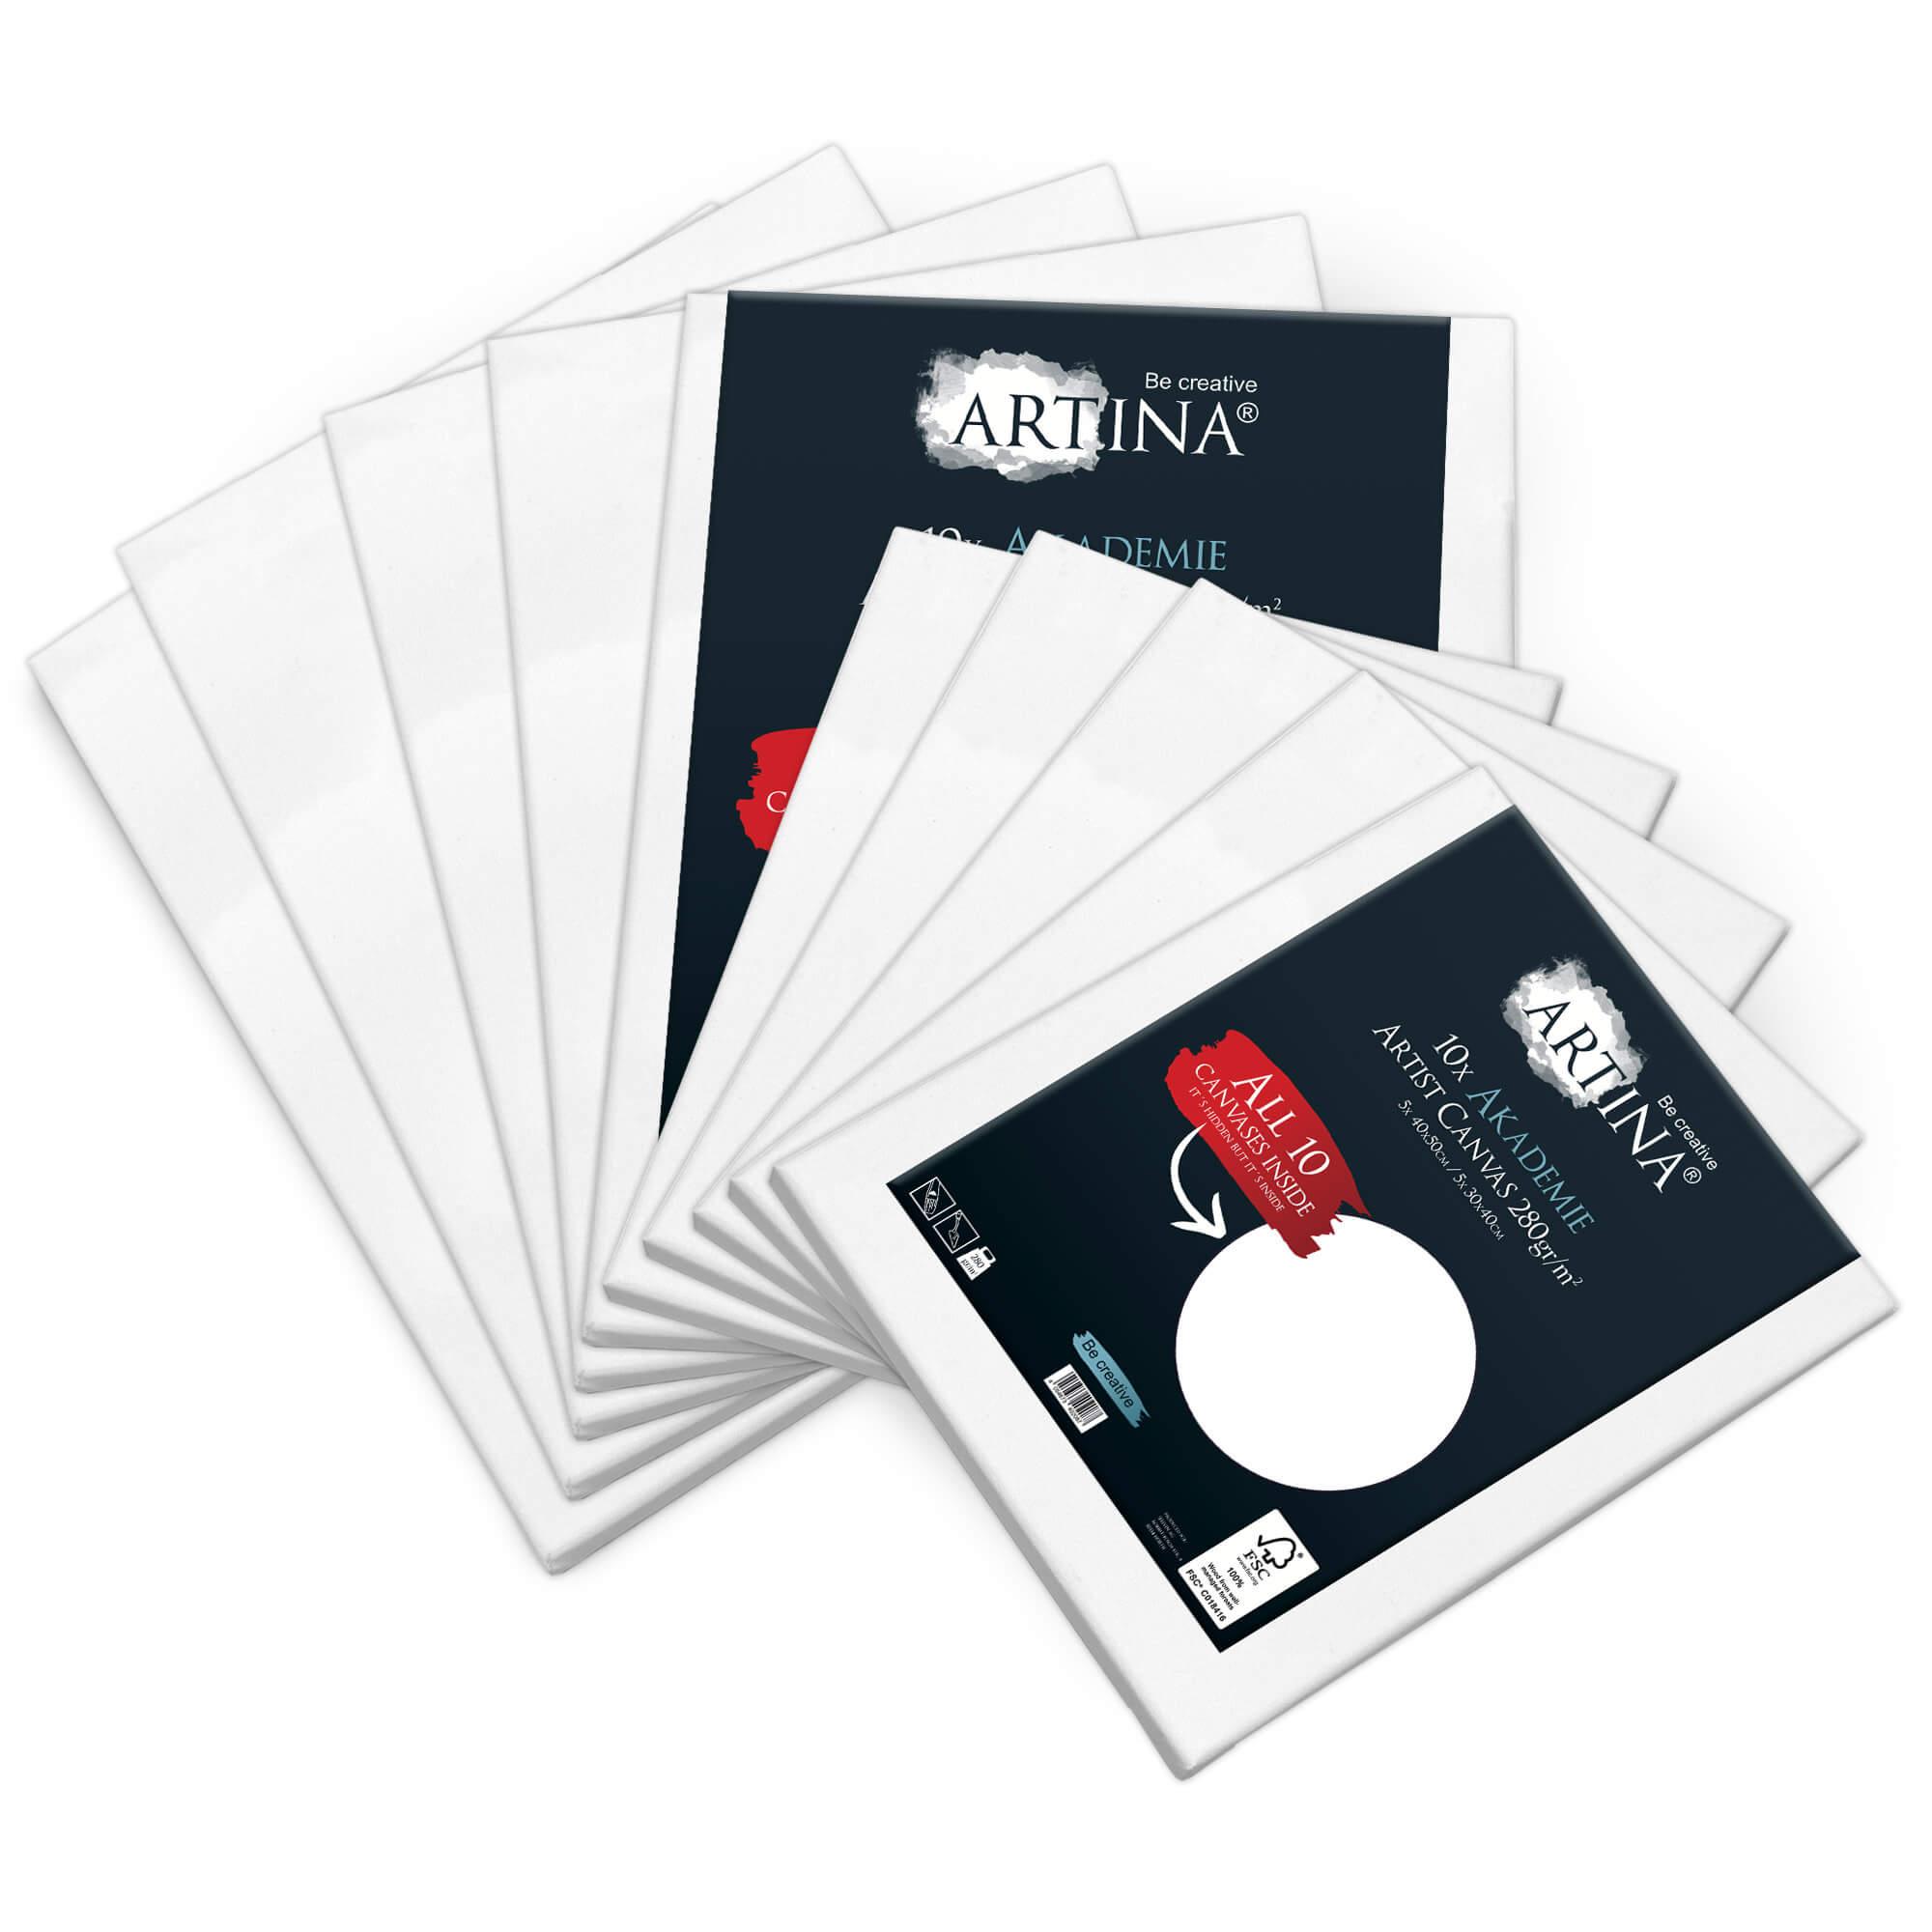 10er Set 30x40 & 40x50cm Artina Akademie Keilrahmen FSC®-zertifiziert